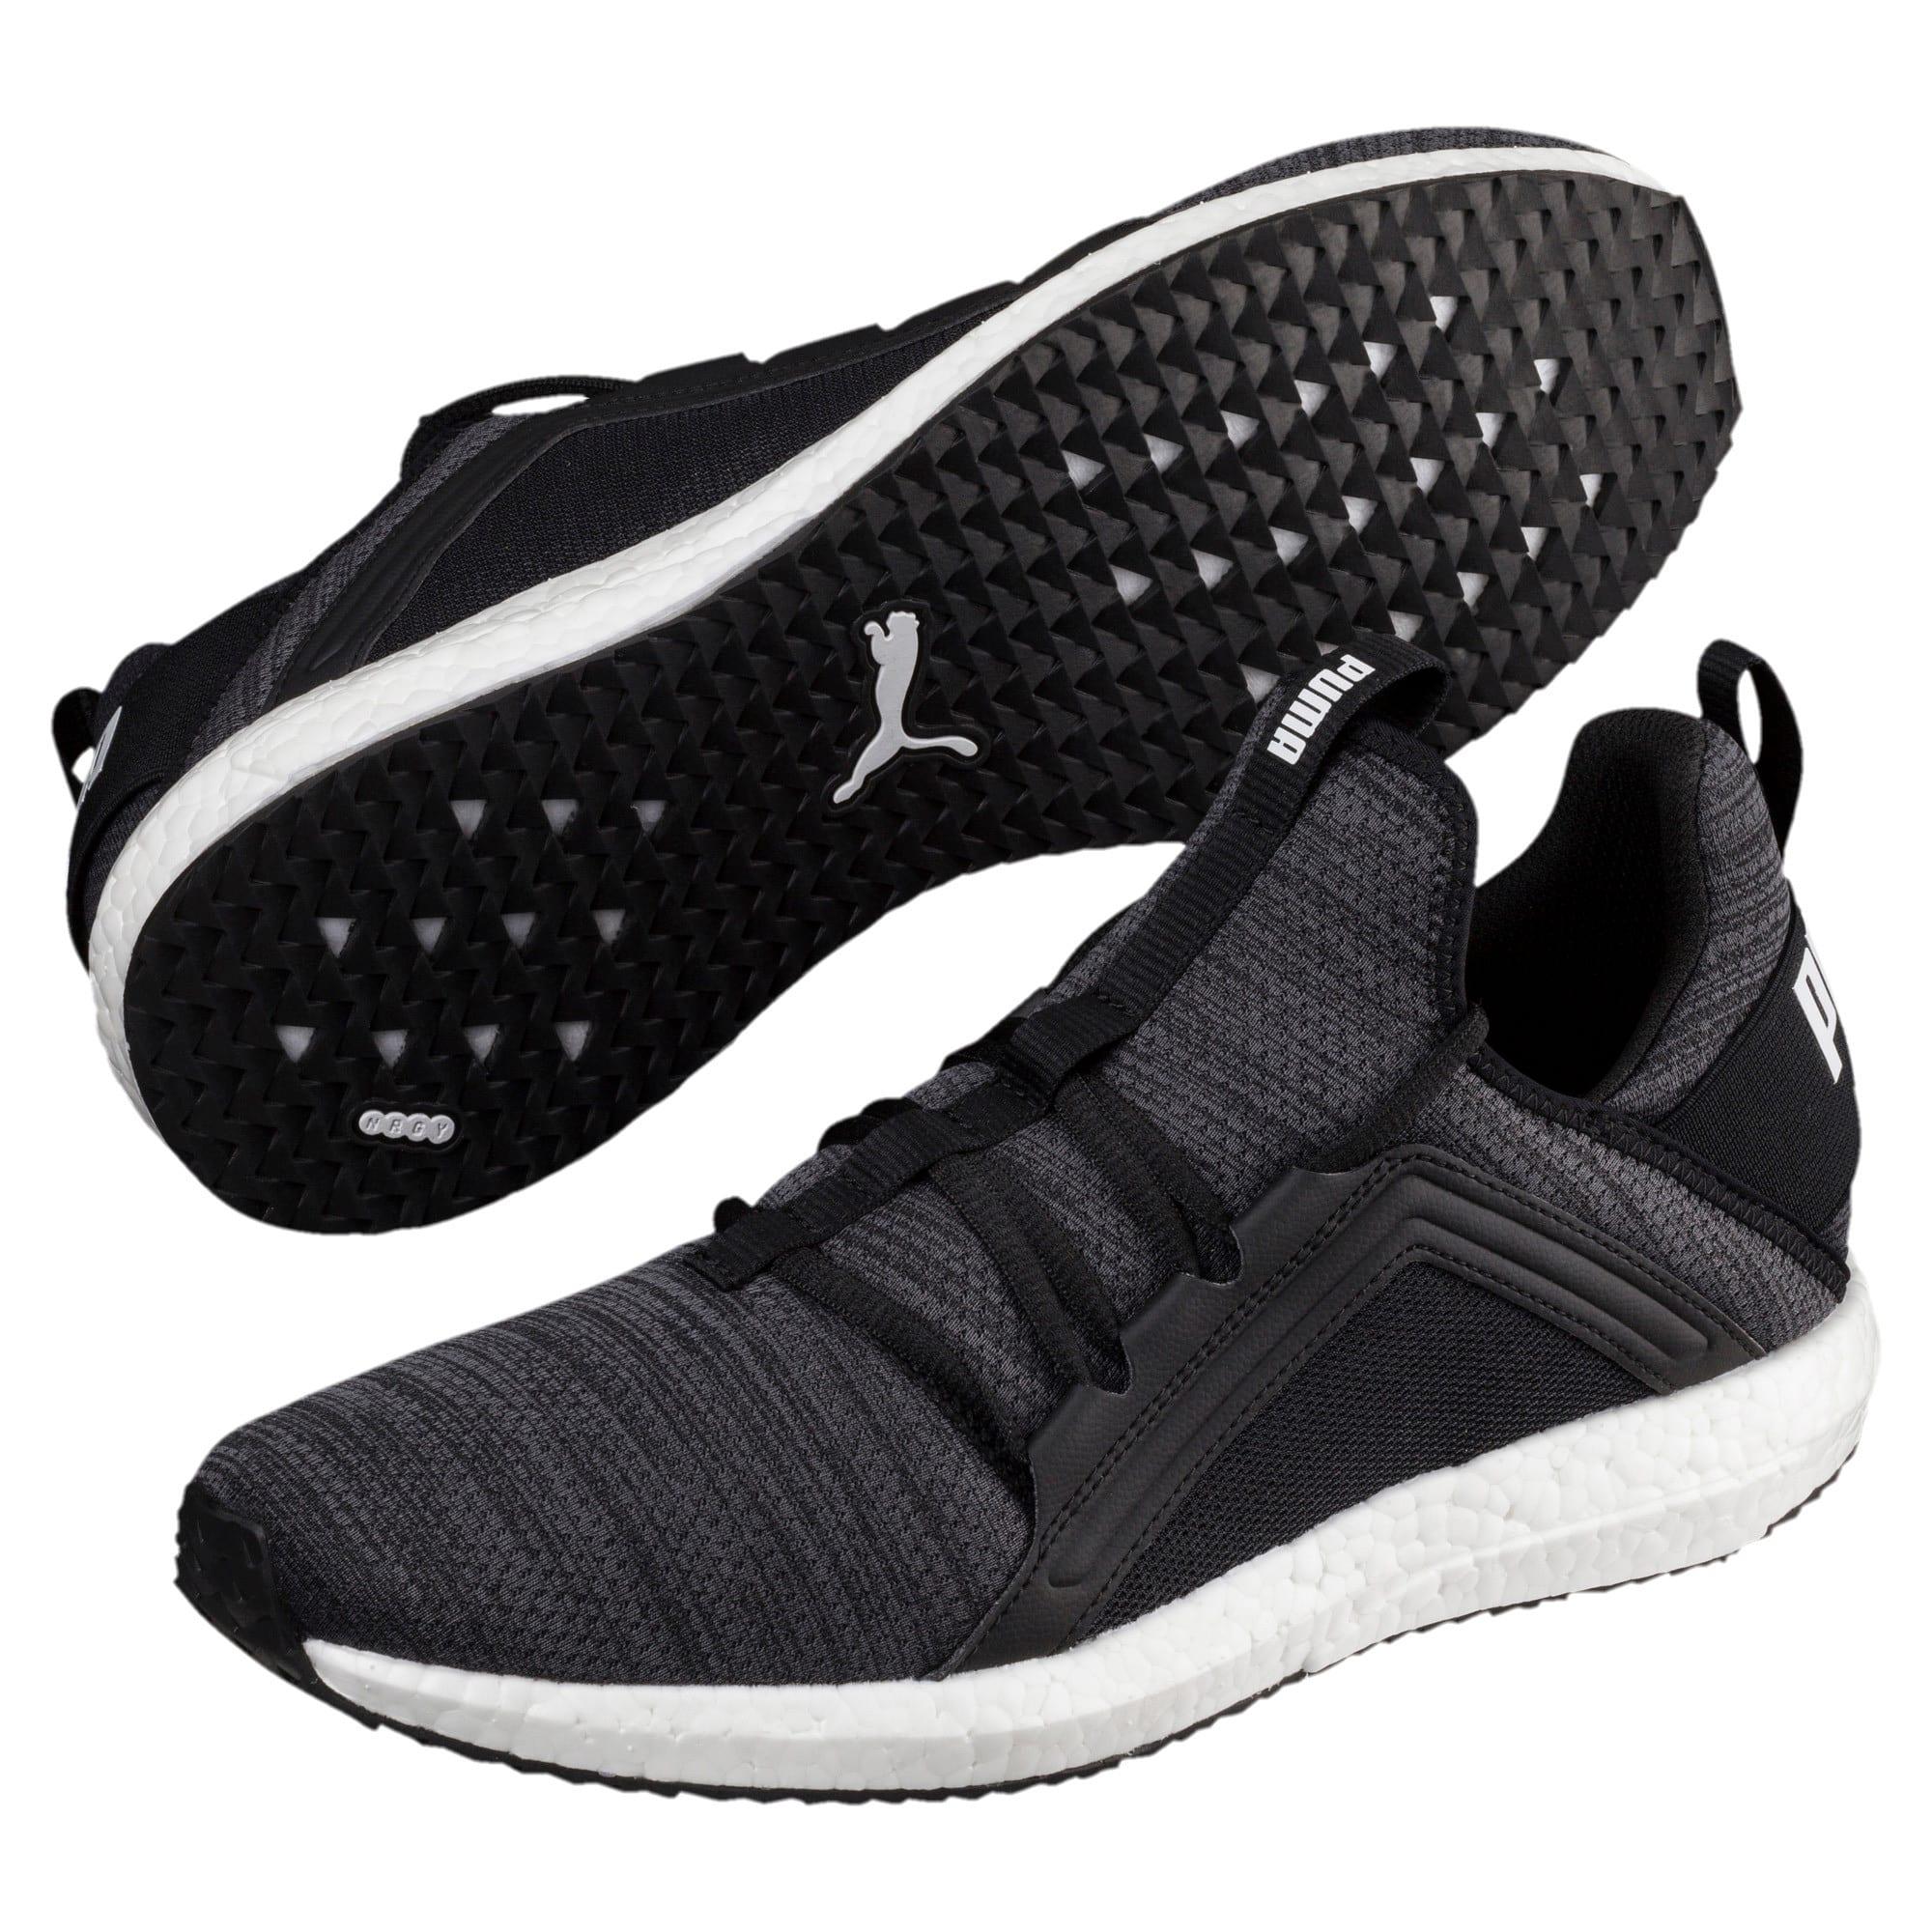 Miniatura 2 de Zapatos para correr Mega NRGY  Heather Knit para hombre, Puma Black-Iron Gate-Blanco, mediano